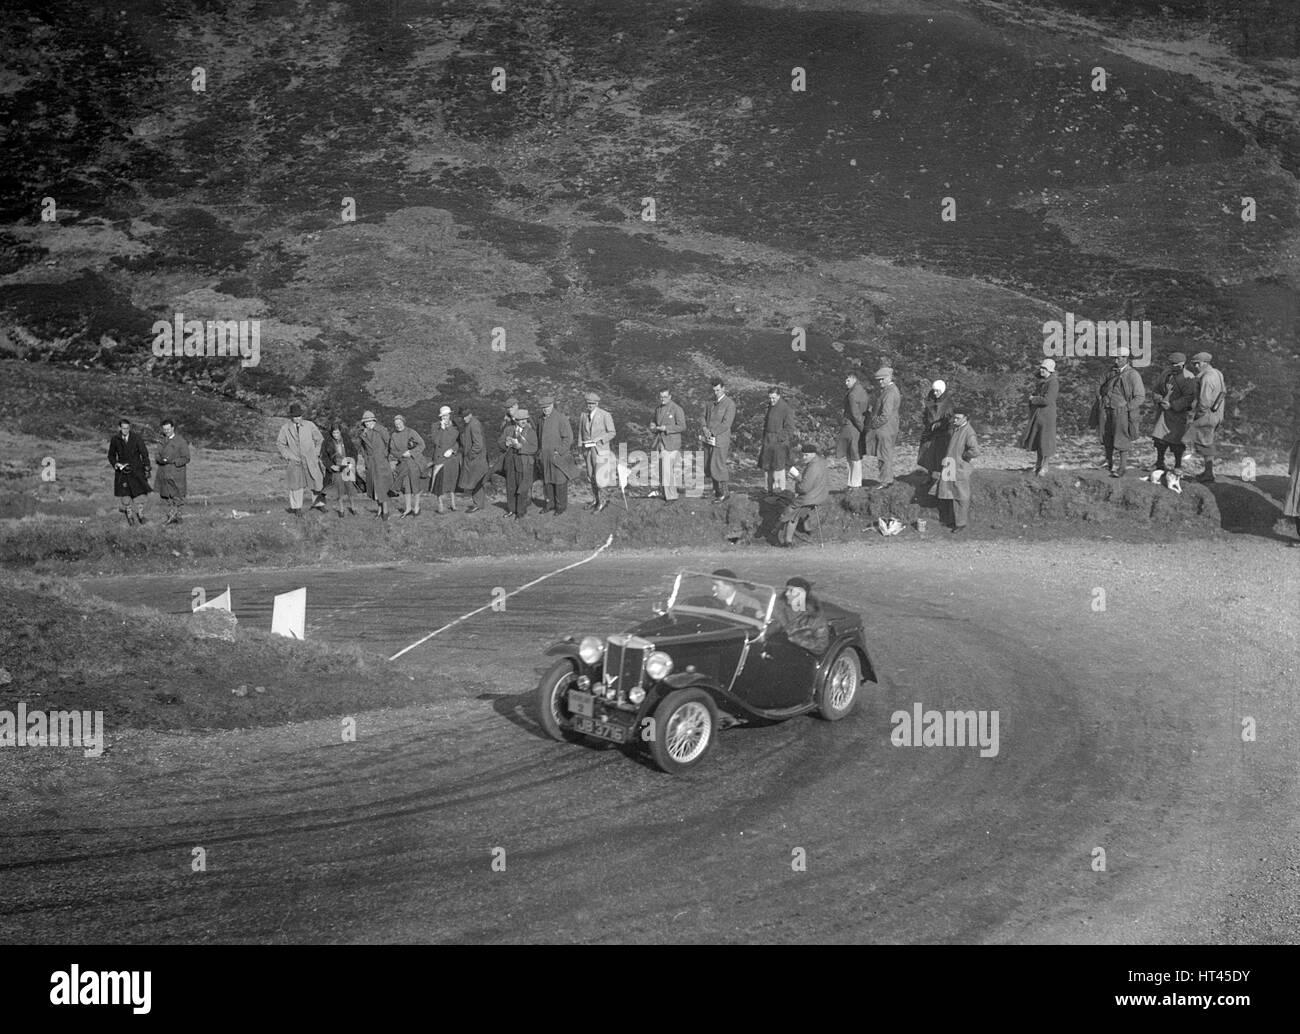 MG Magnette of CS Grant at the RSAC Scottish Rally, Devil's Elbow, Glenshee, 1934. Artist: Bill Brunell. - Stock Image